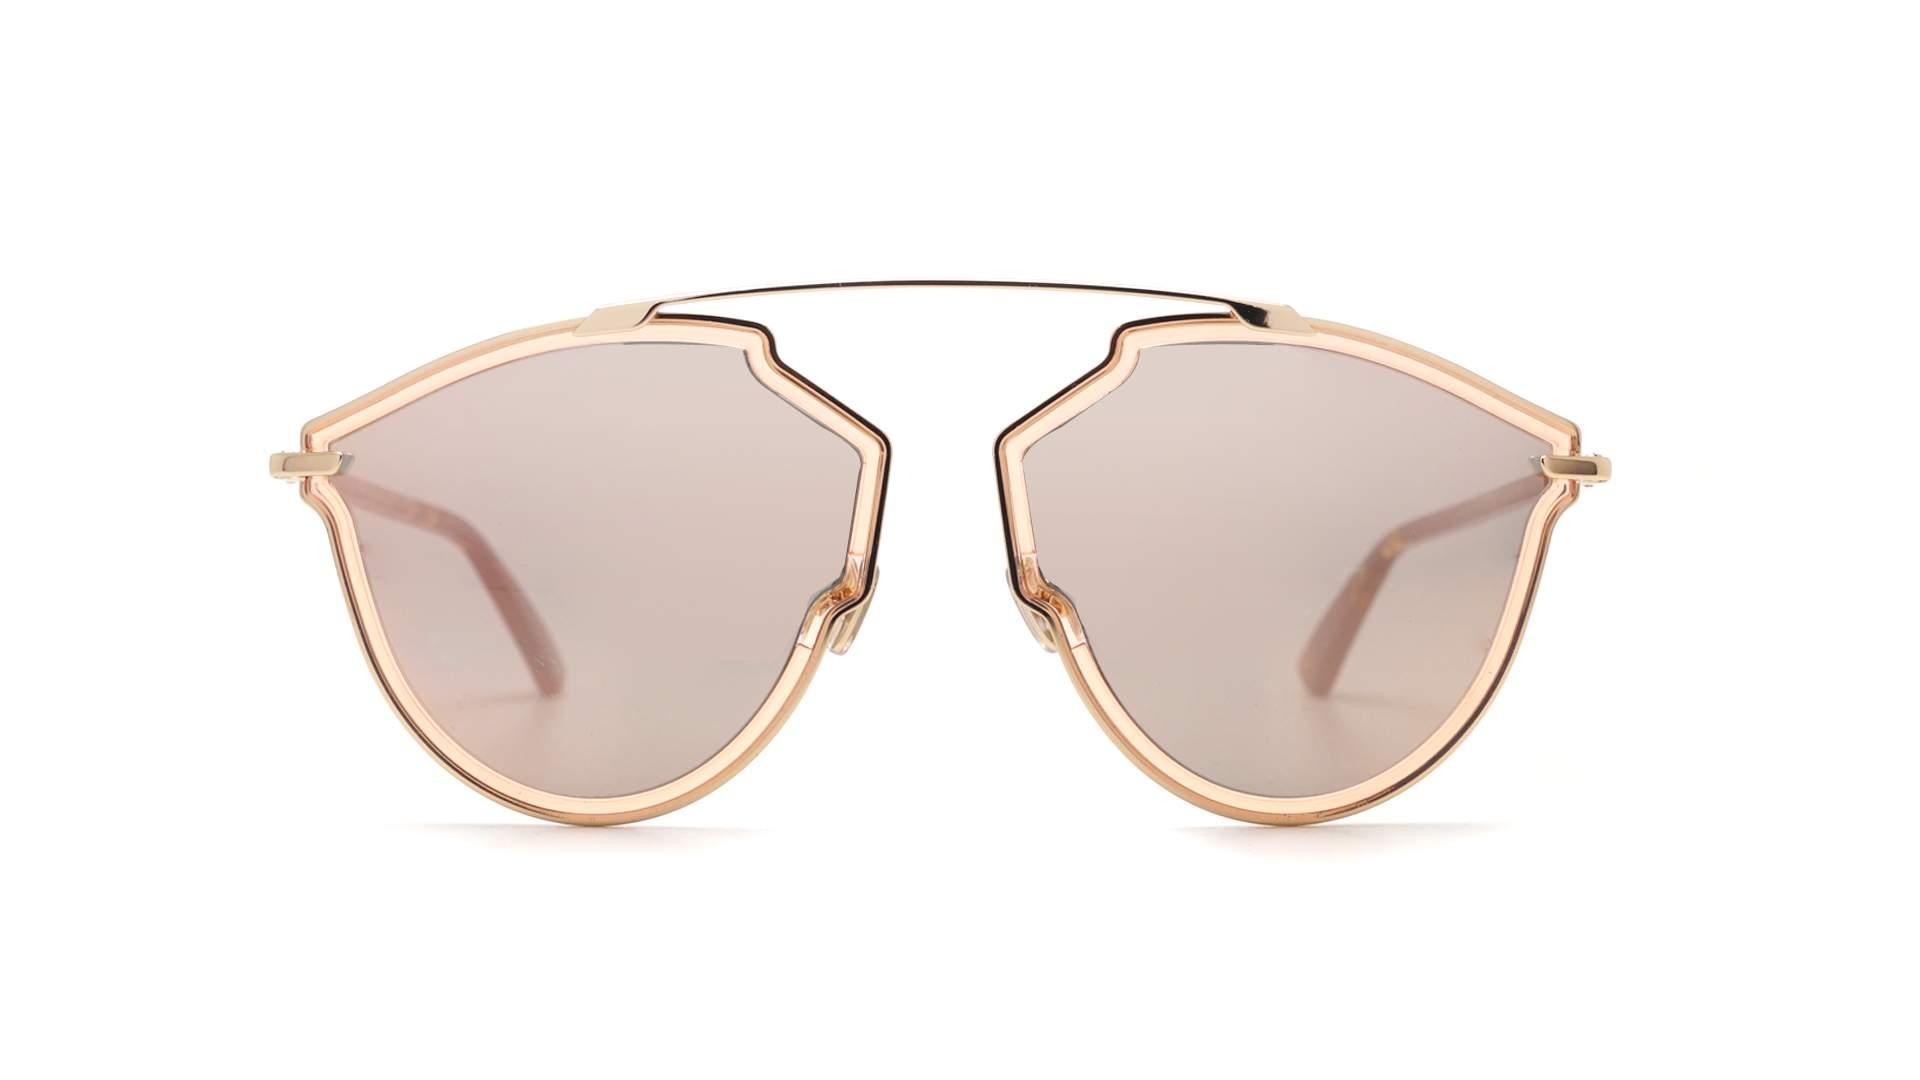 dc1681cf926d2 Lunettes de soleil Dior SoReal Rise Rose DIORSOREALRISE S450J 58-17 Large  Miroirs